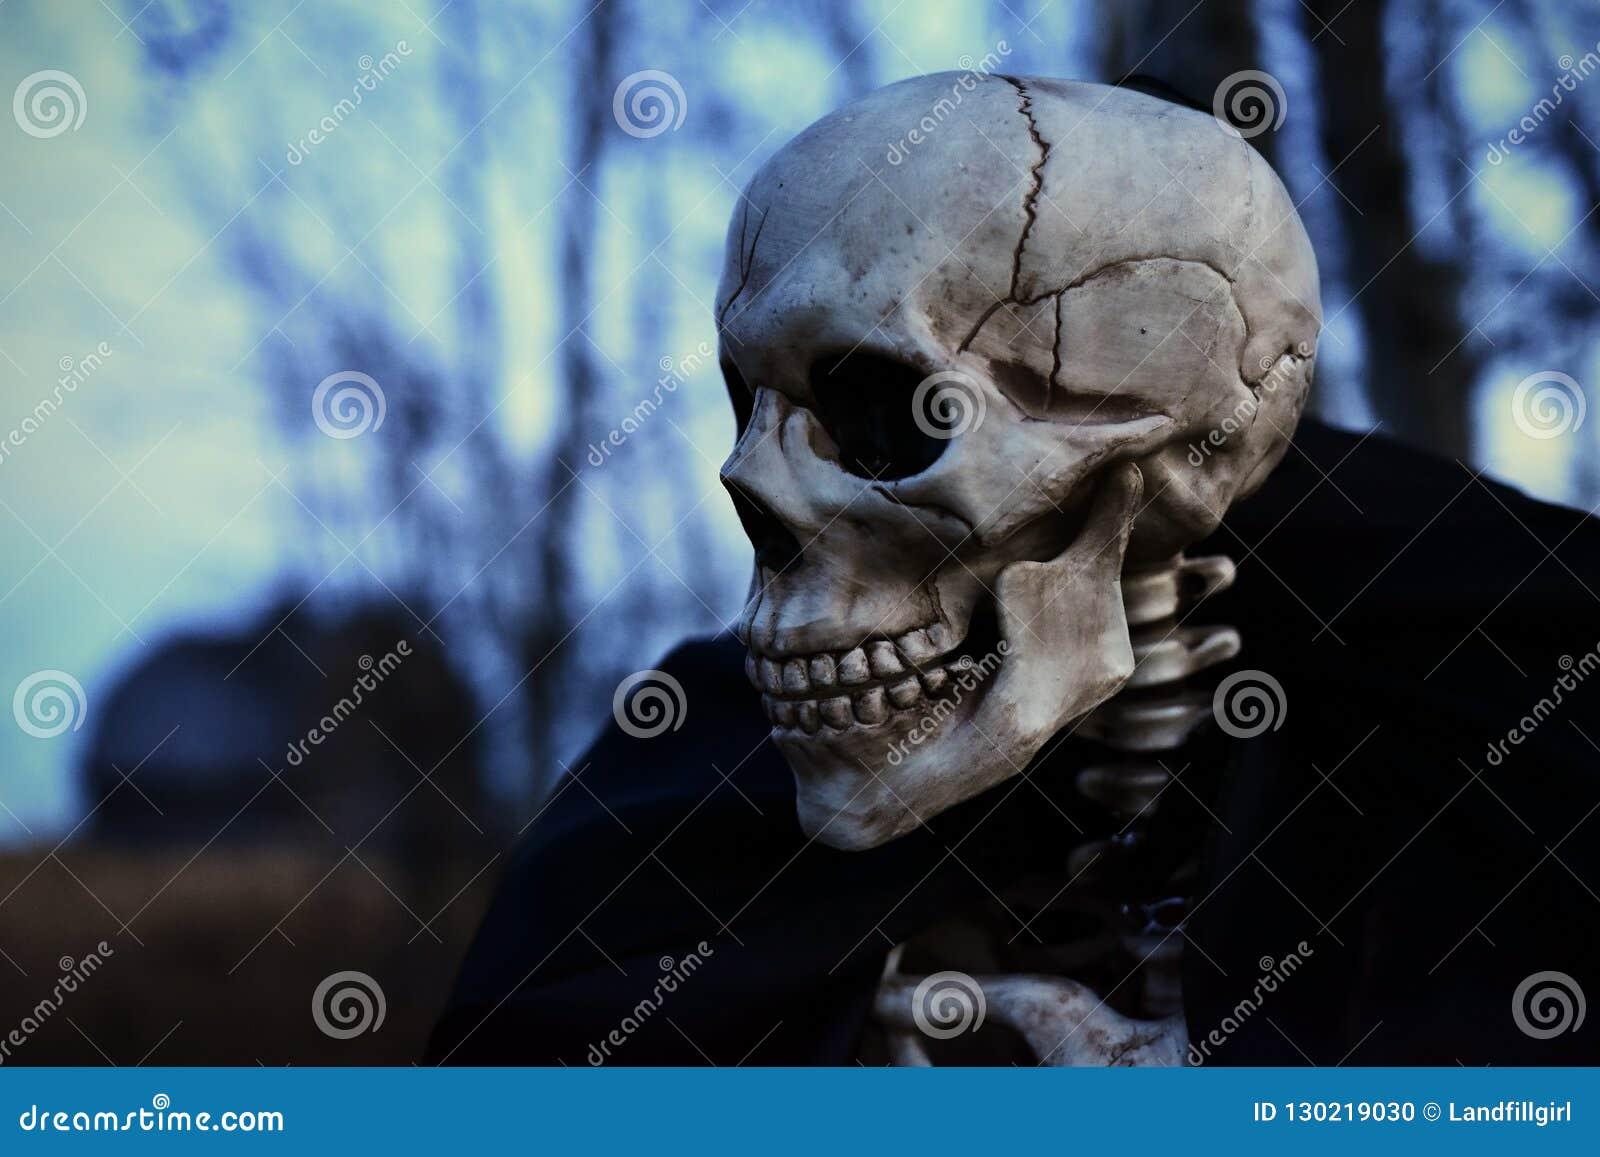 Esqueleto espeluznante de víspera de Todos los Santos